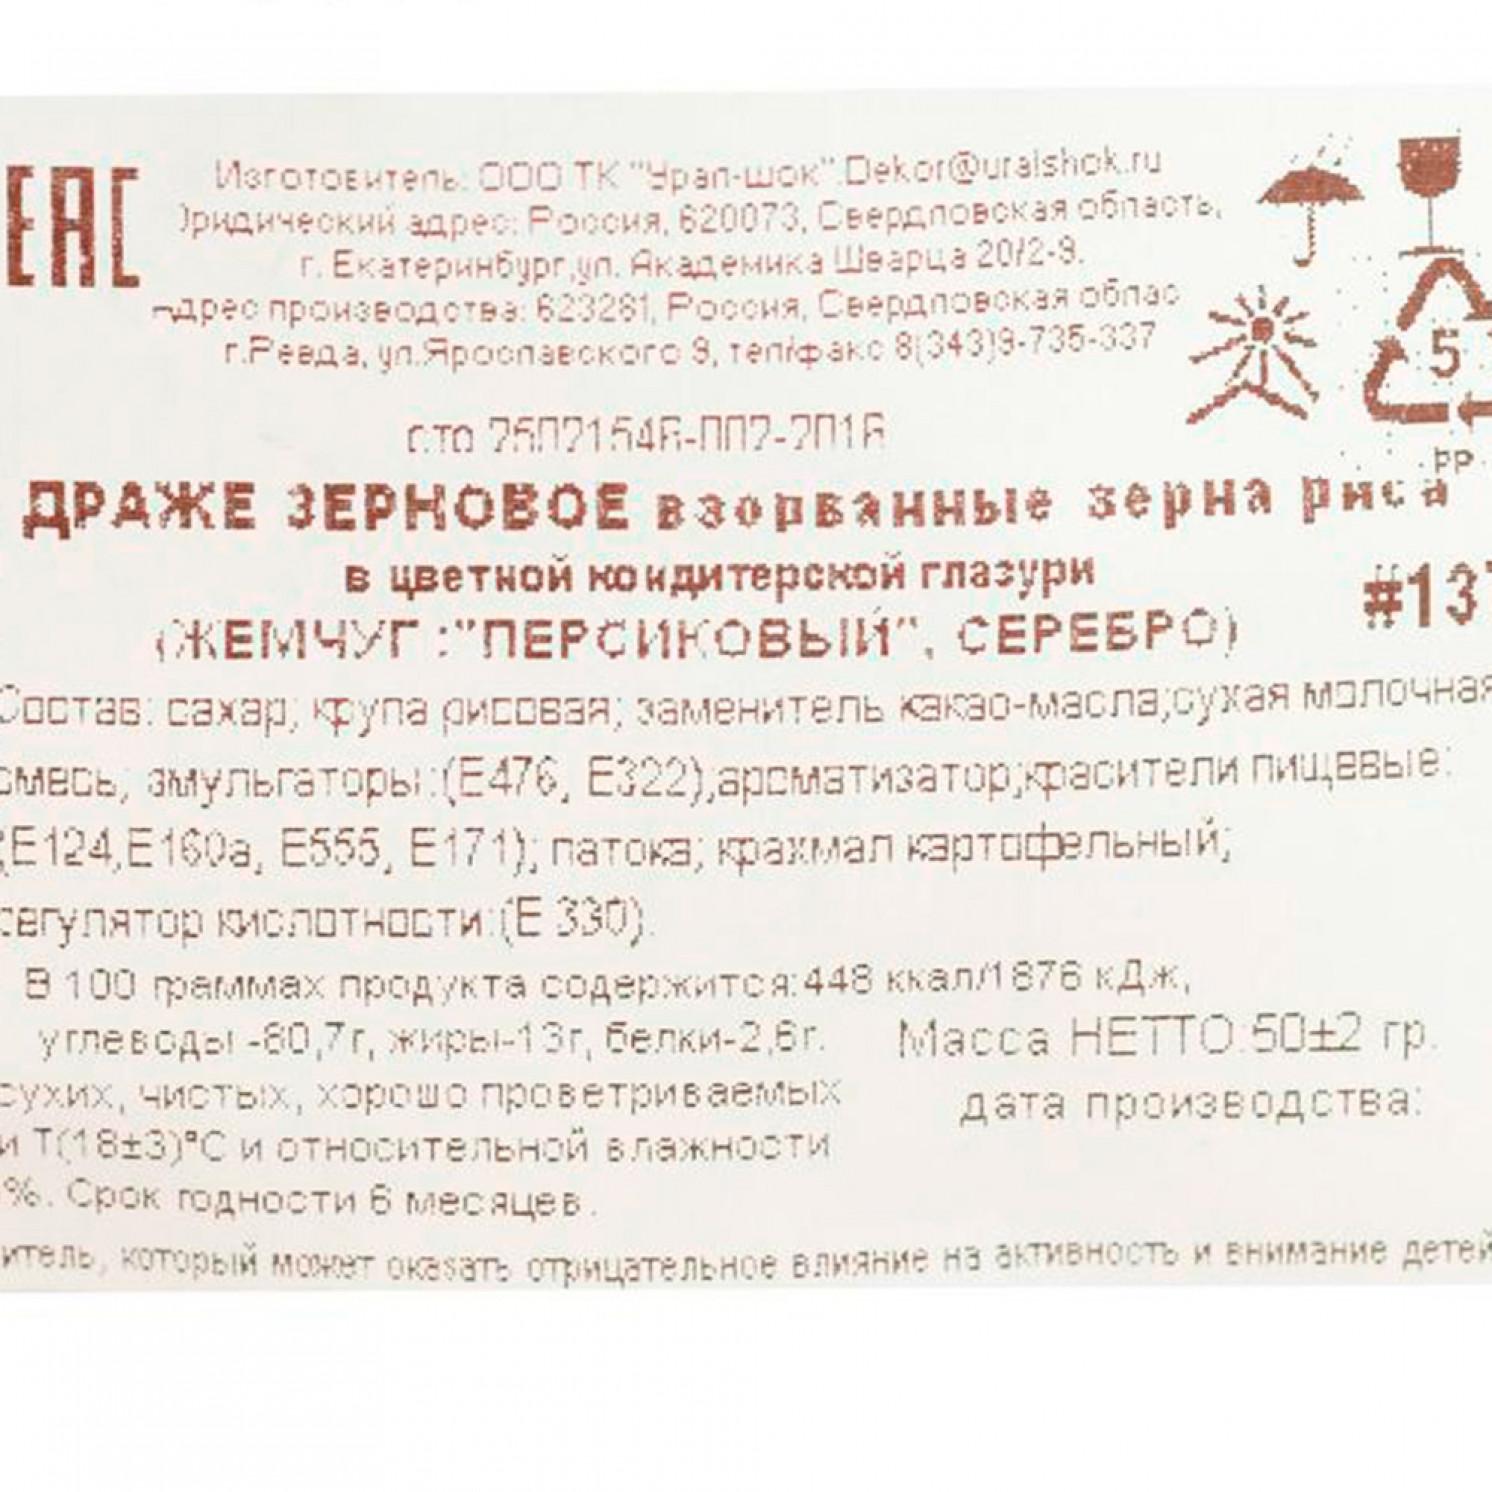 Драже «Жемчуг», взорванные зёрна риса в цветной кондитерской глазури, персиковый/ серебро, 50 г